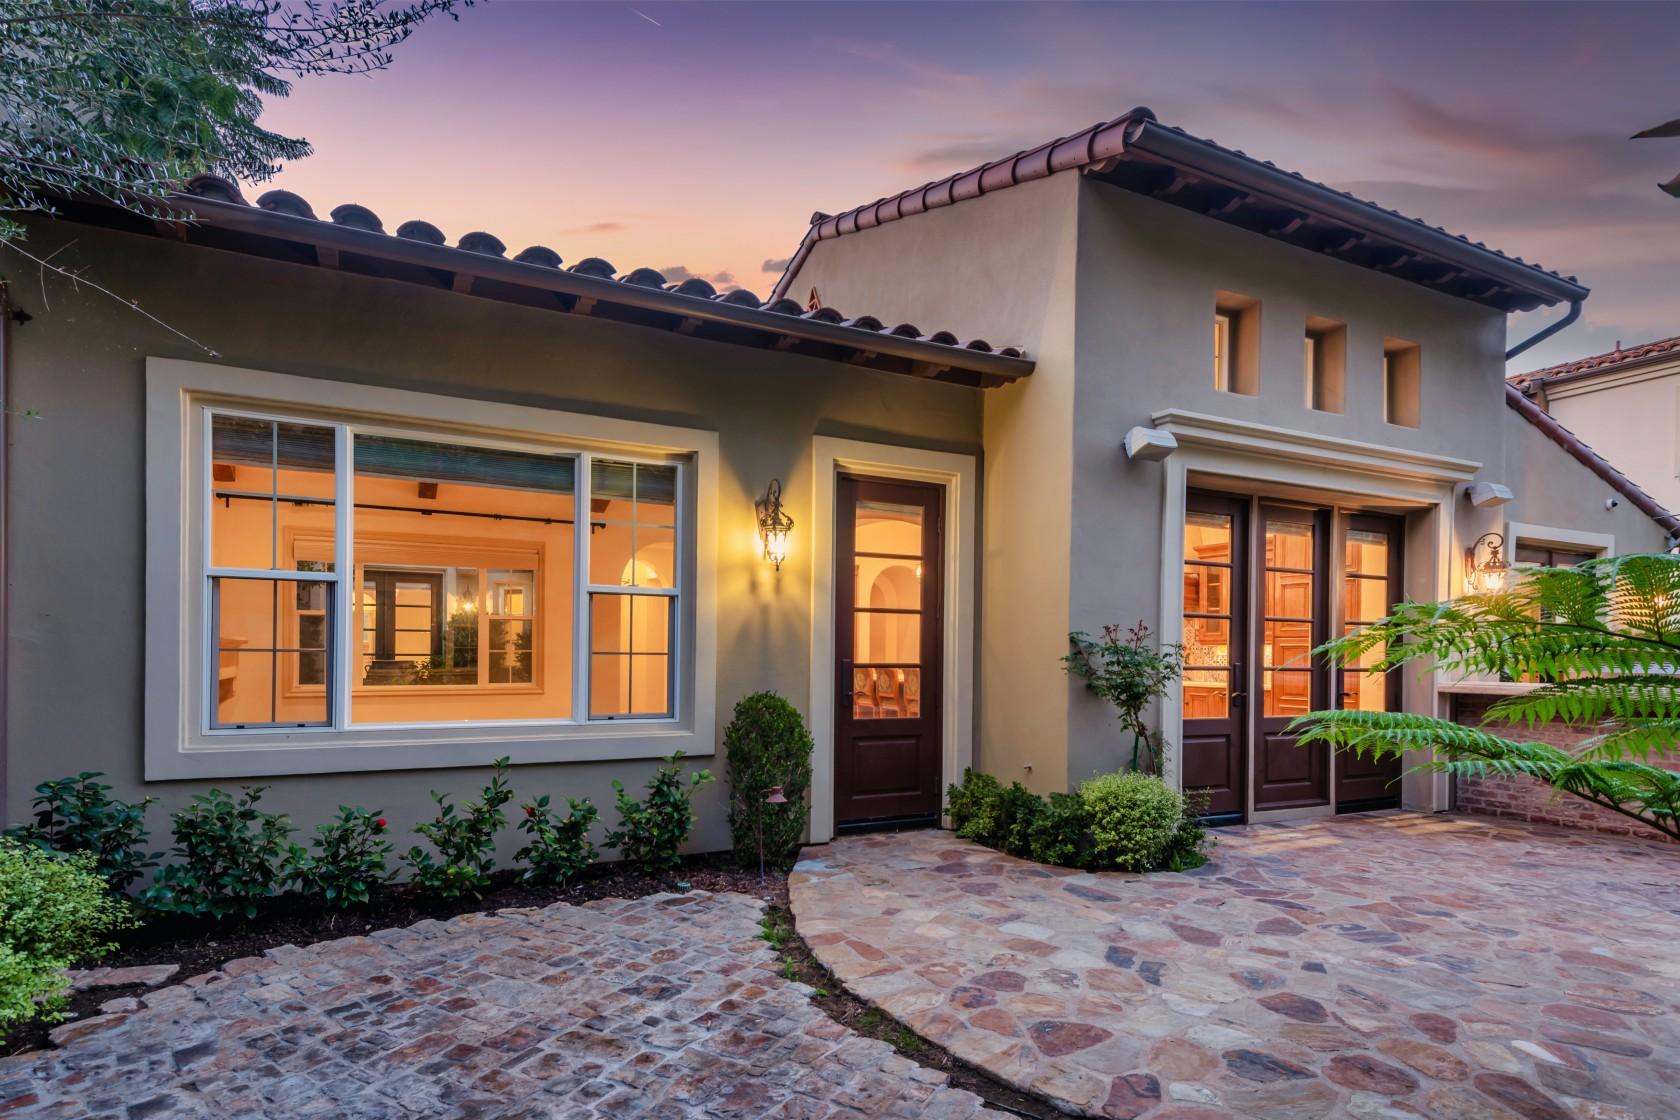 Rumah Peninggalan Kobe Bryant Dijual Seharga Rp29 Miliar